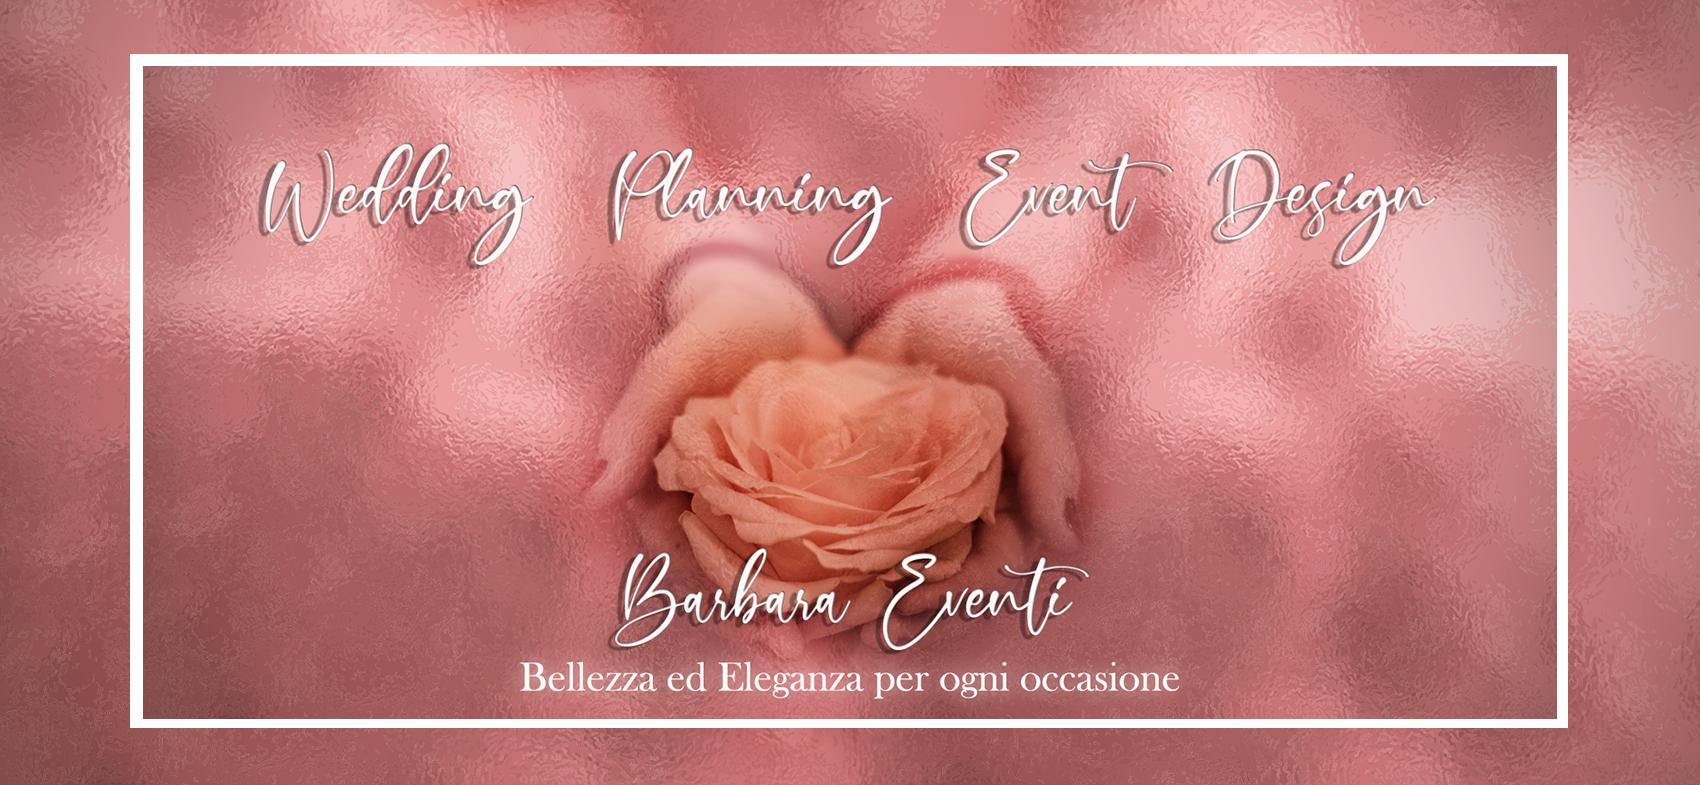 Wedding Planner e Design Palermo Sicilia-Barbara Eventi